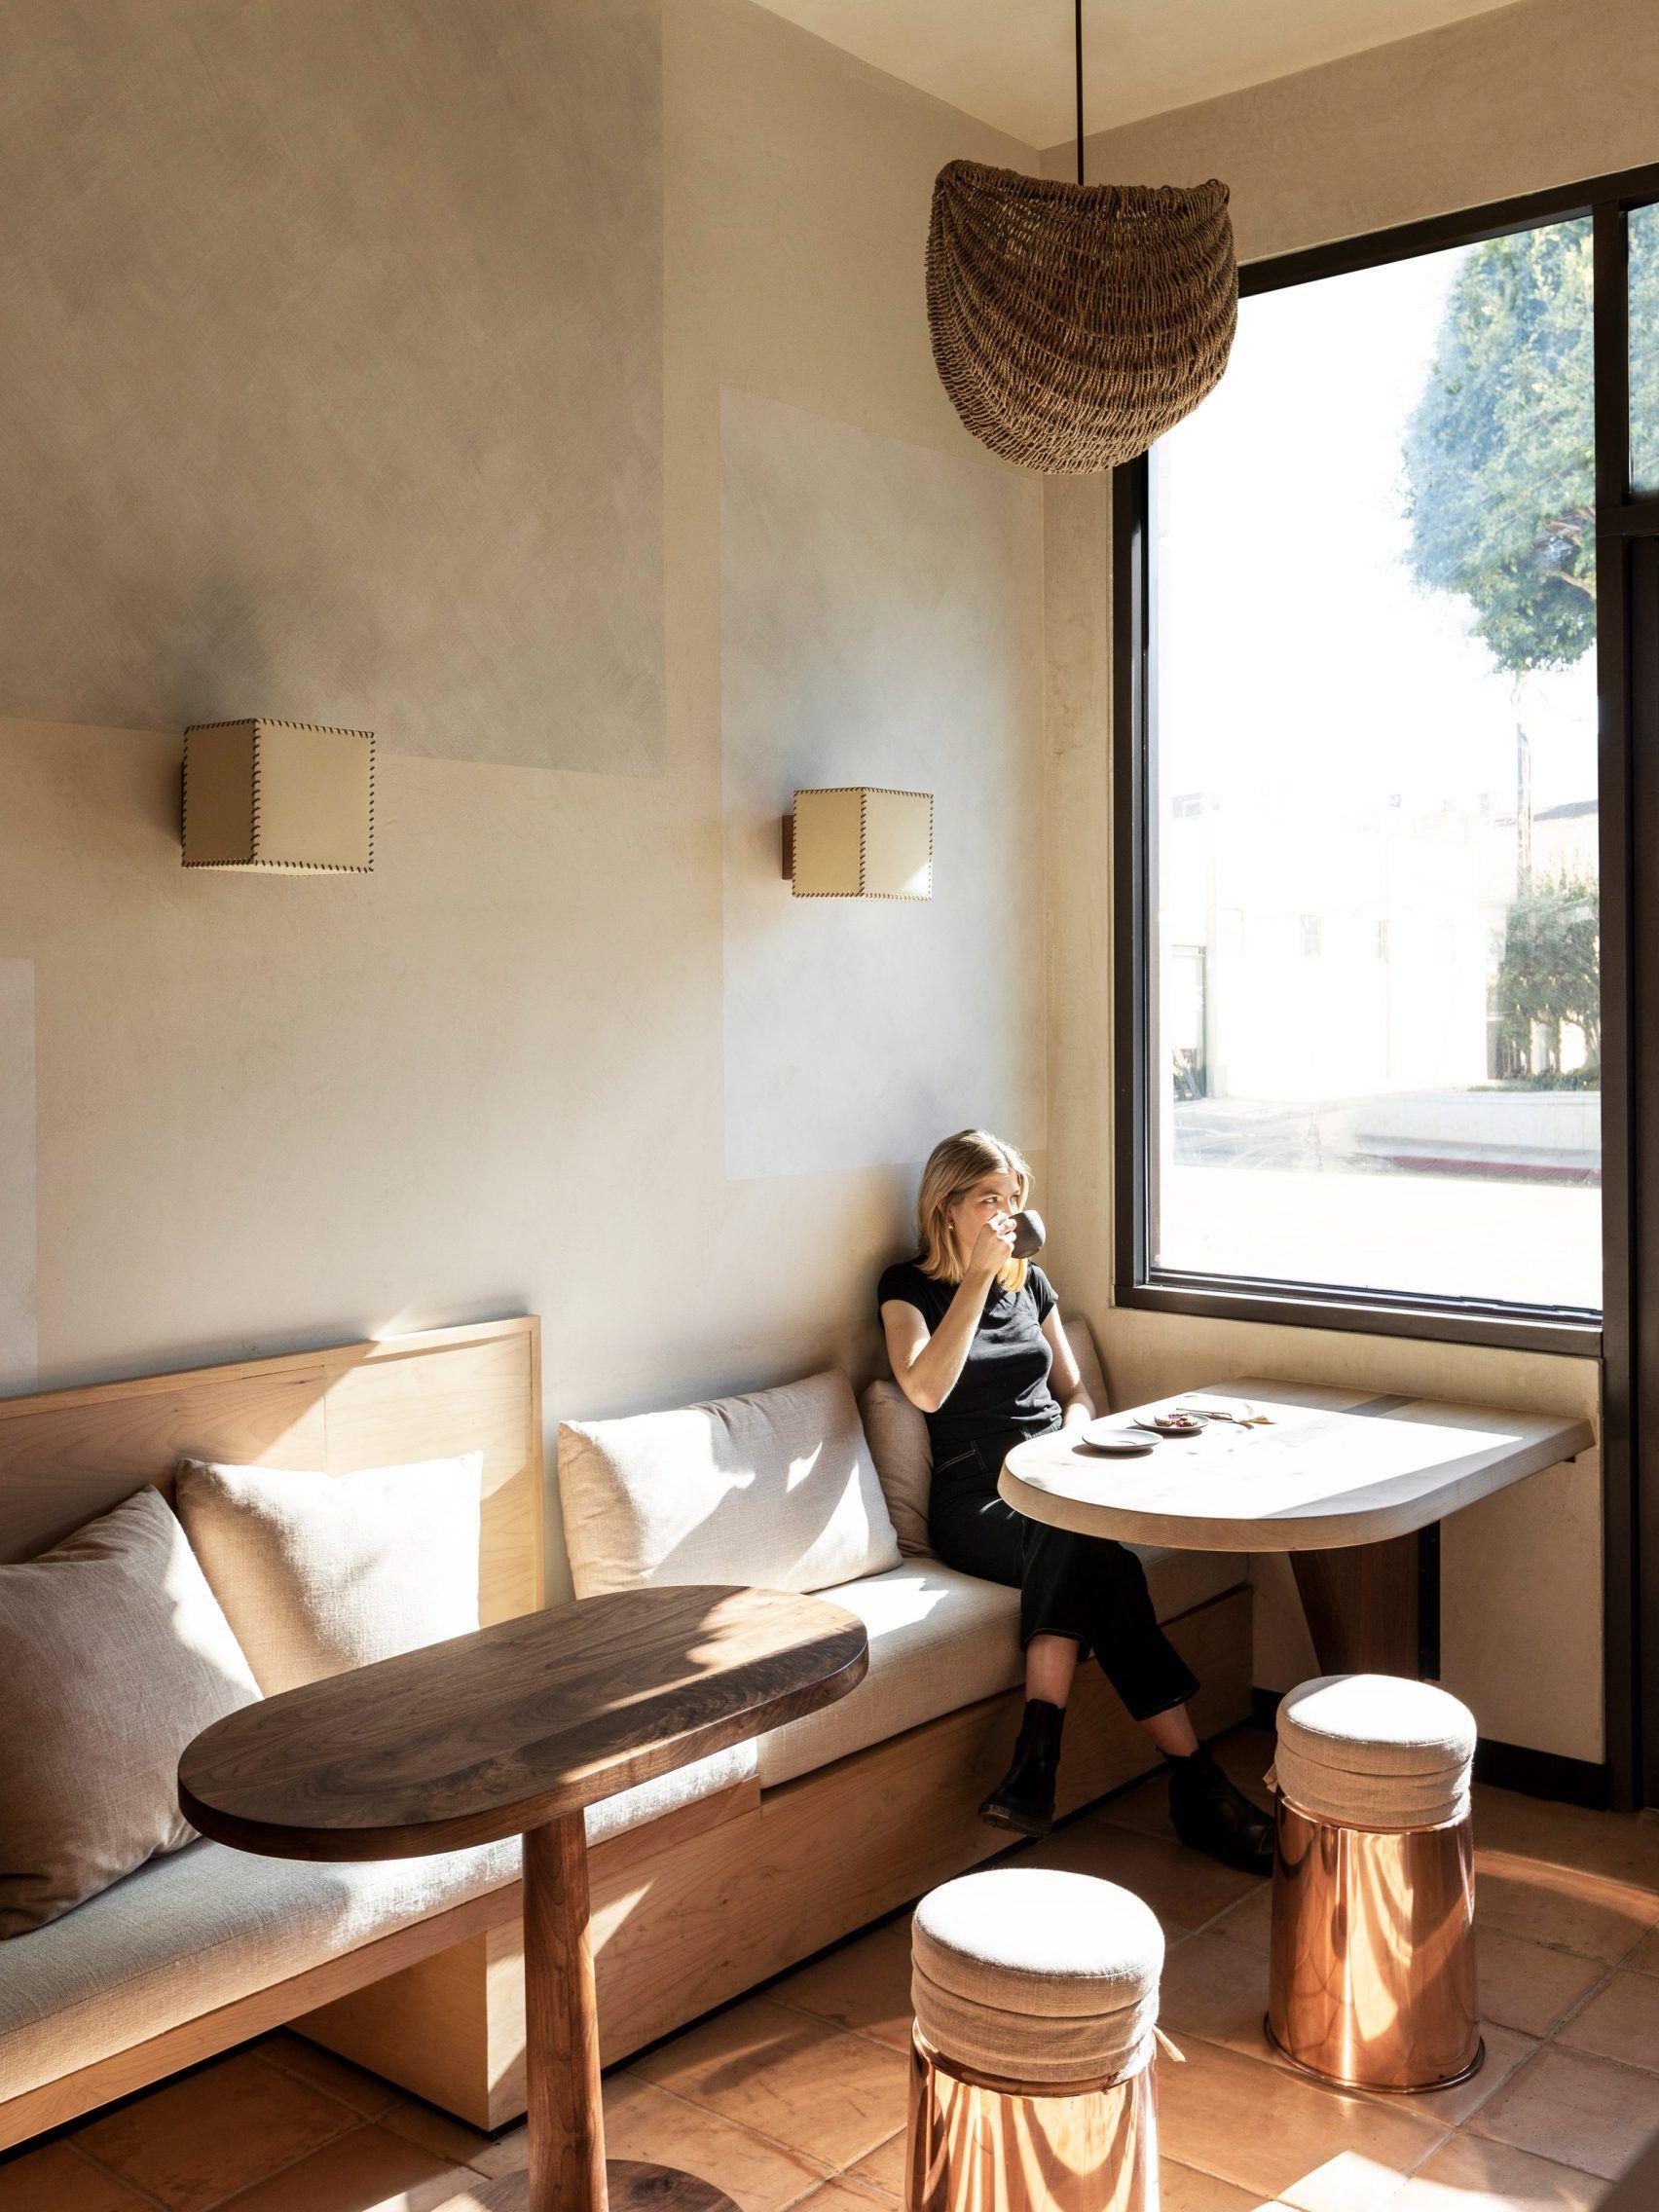 Commune designs glutenfree BreadBlok bakery with creamy